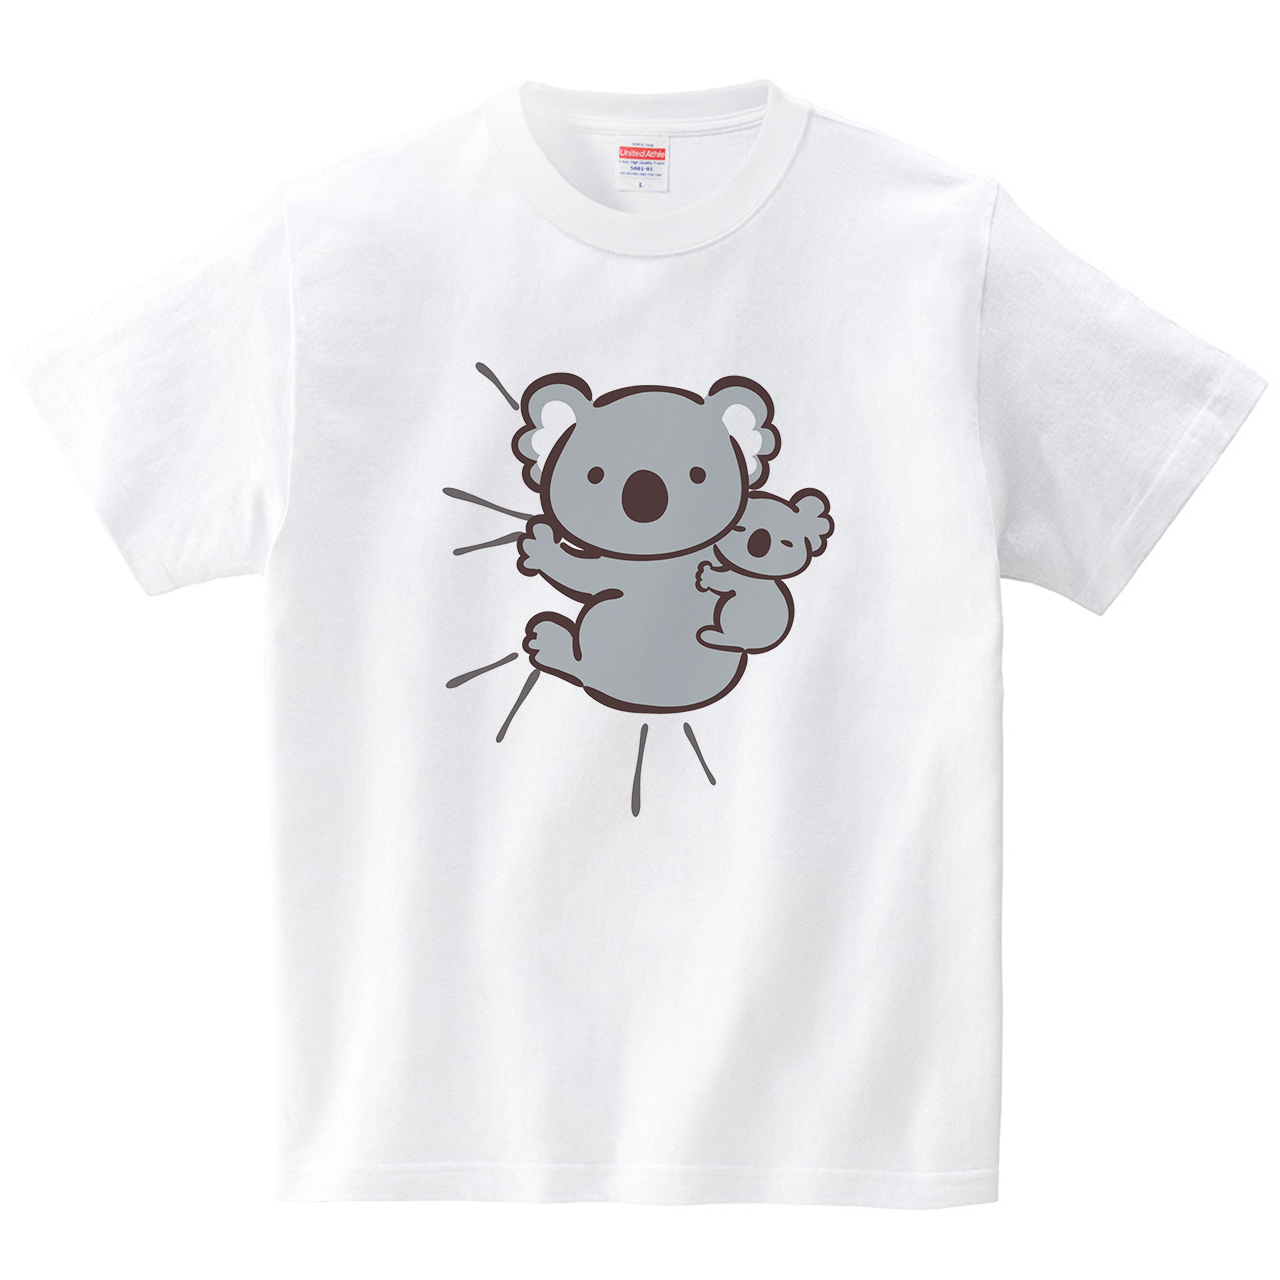 しがみつくコアラ(Tシャツ・ホワイト)(あずき*)